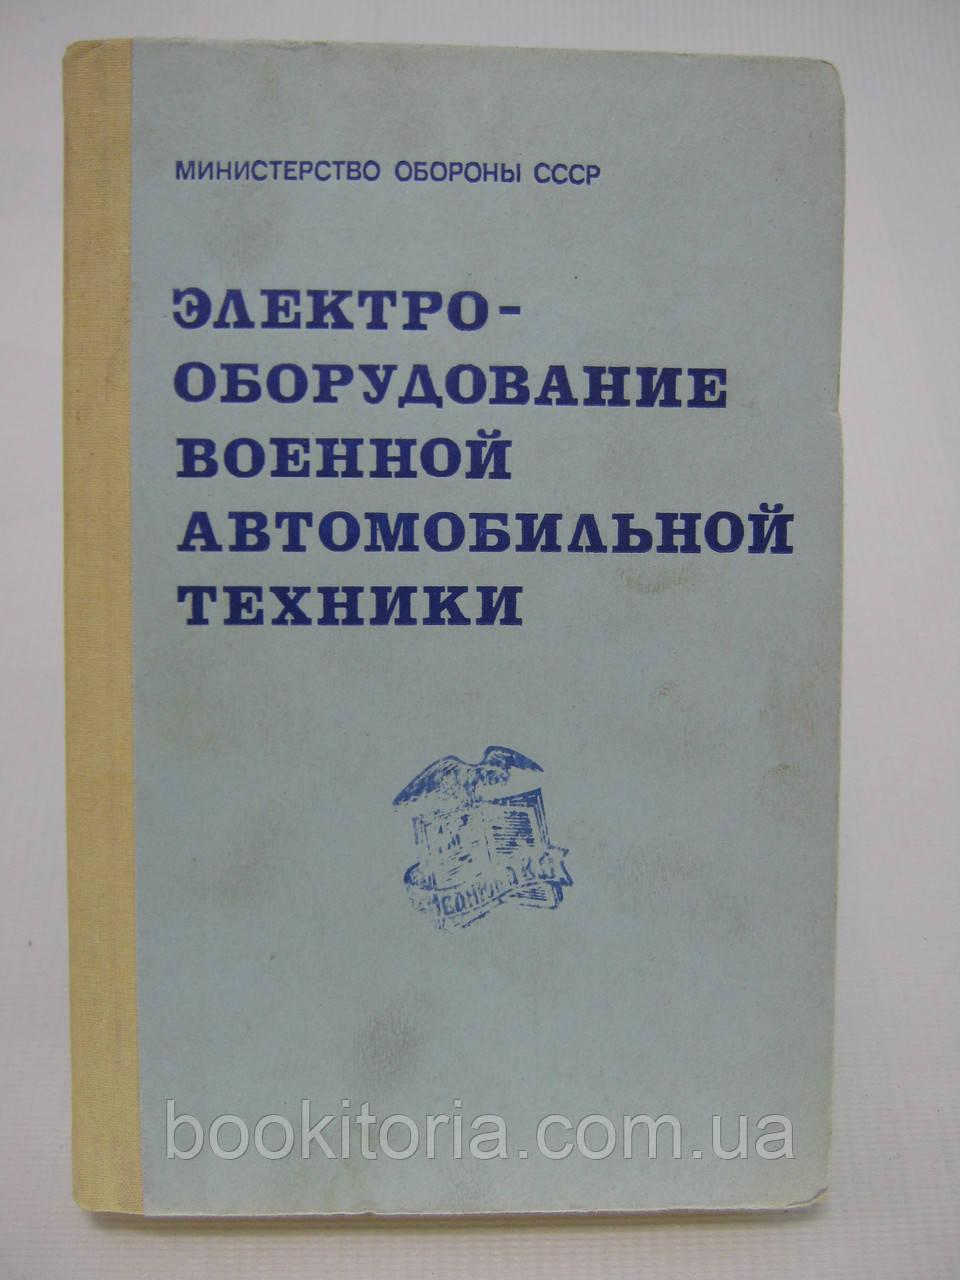 Данов Б.А. Электрооборудование военной автомобильной техники (б/у).